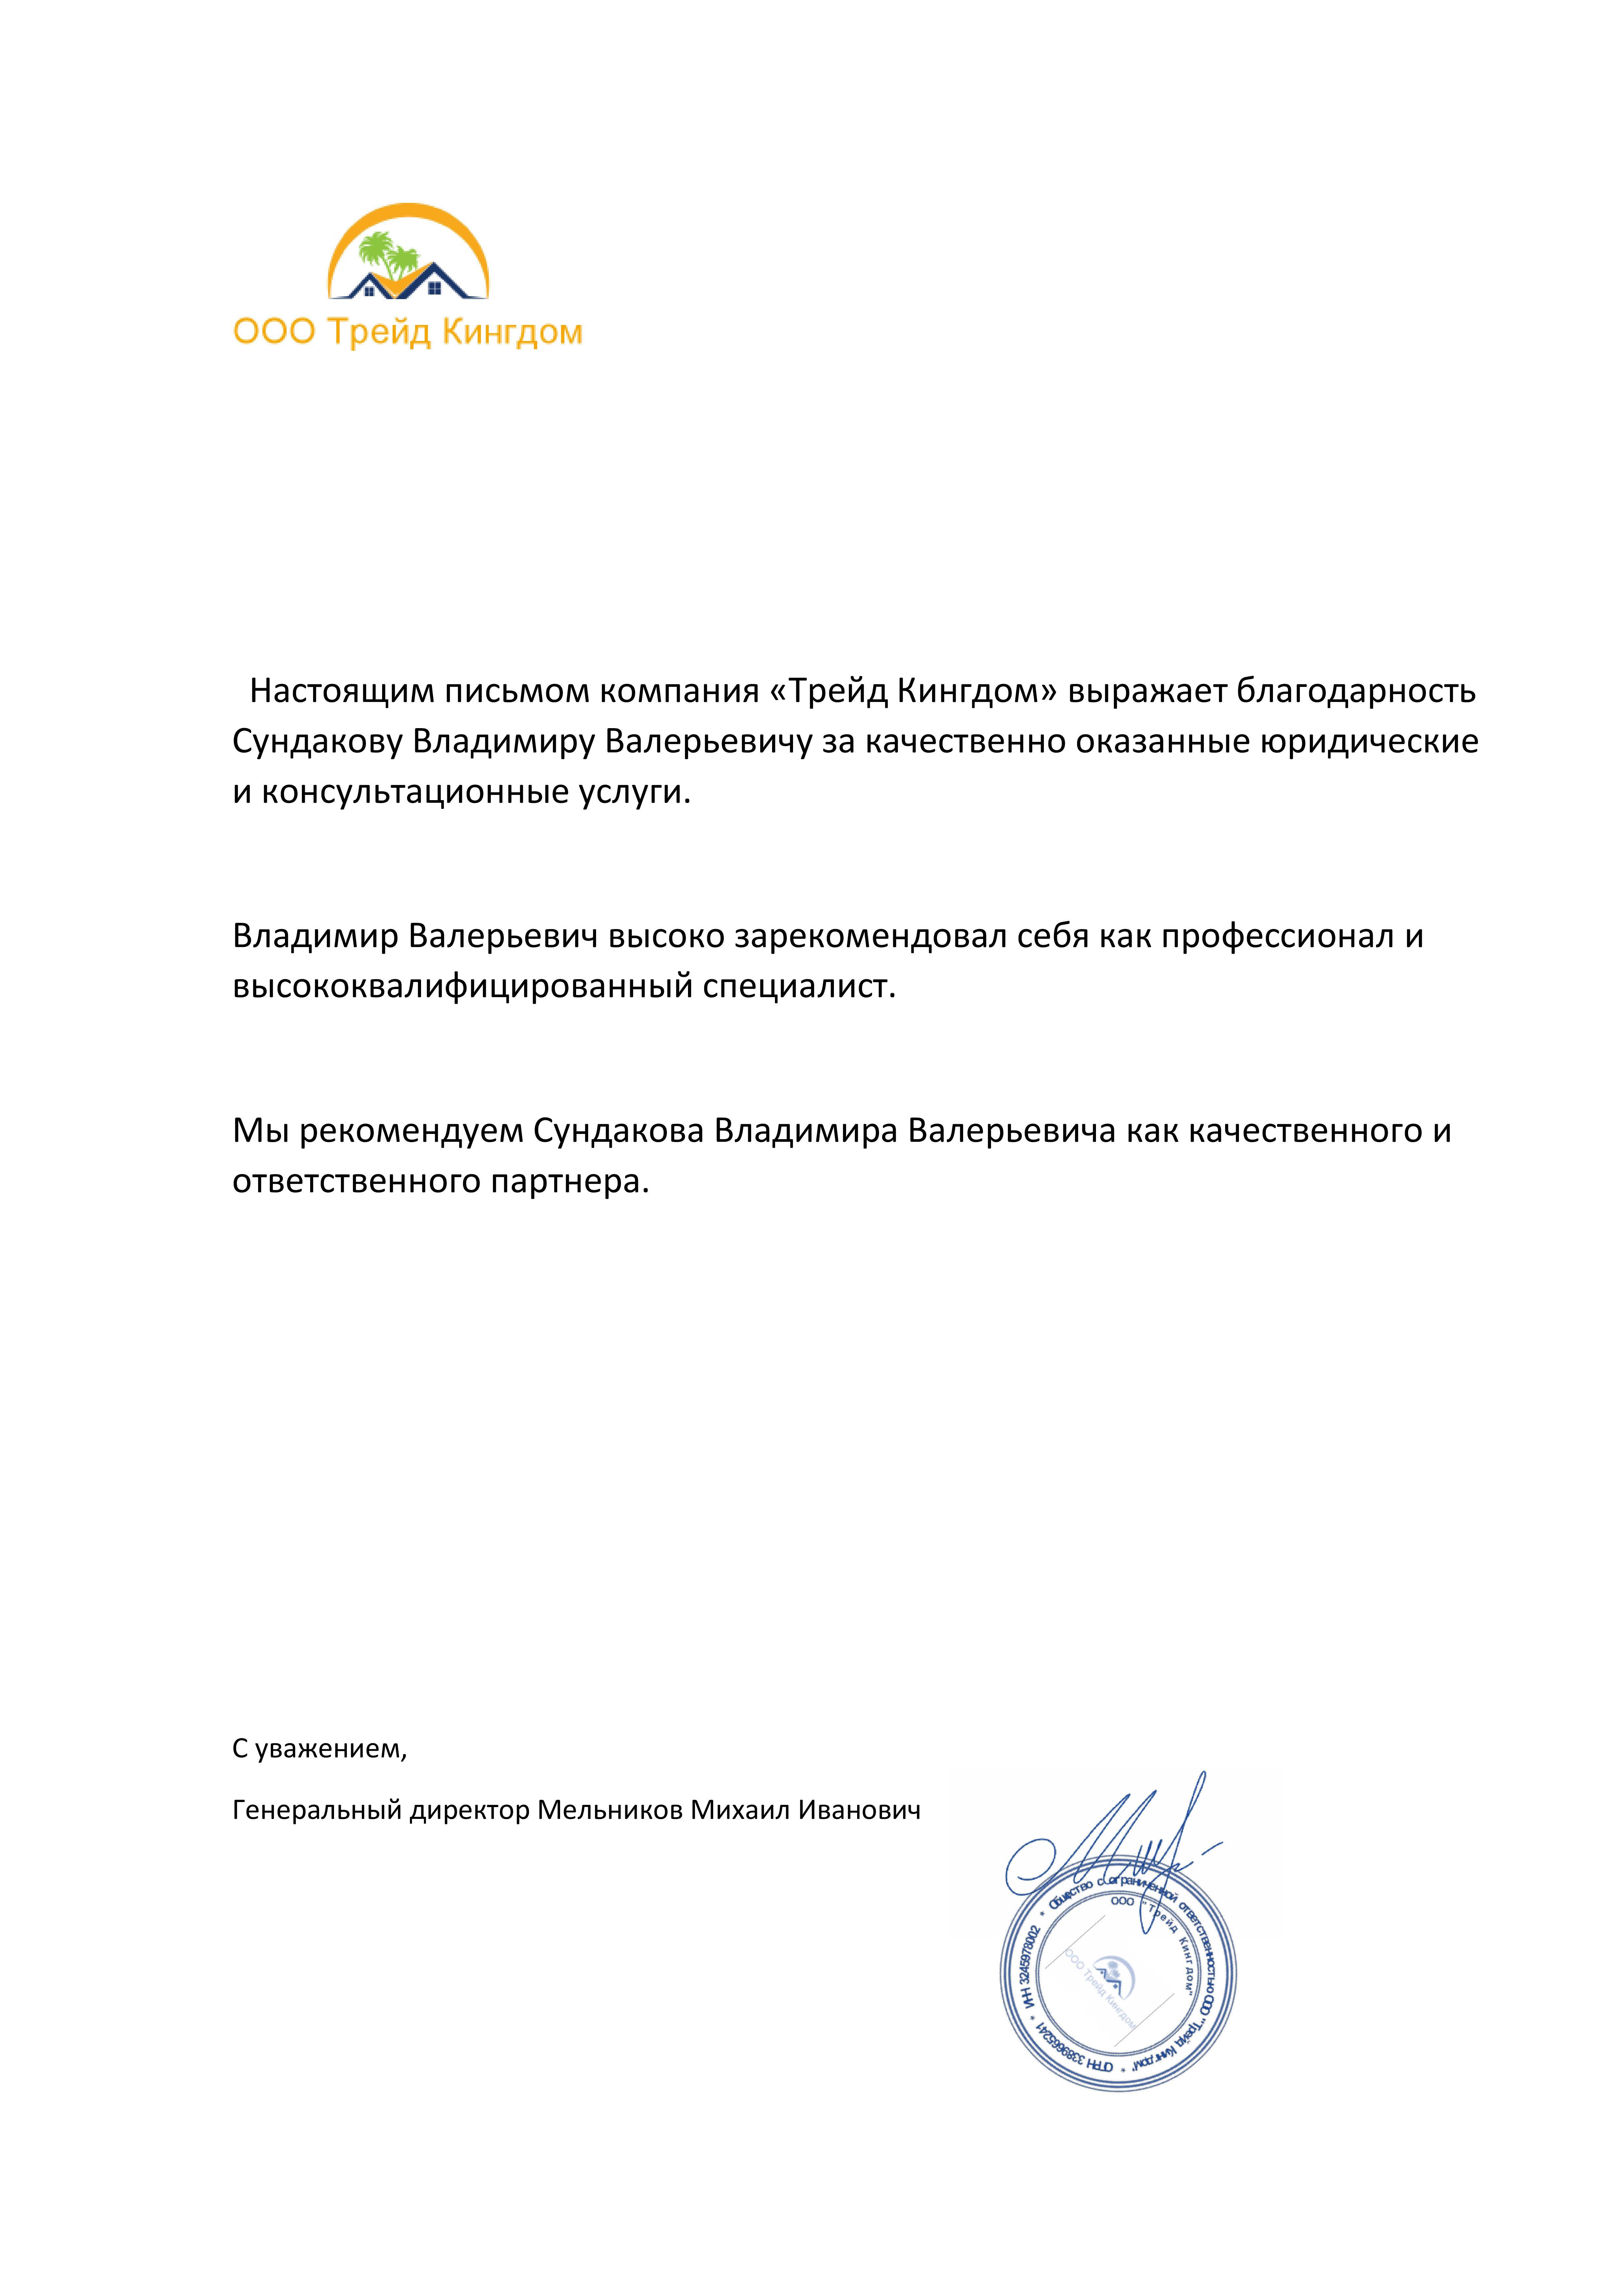 Защита должника по кредиту — помощь, консультации юриста, Сундаков Владимир Валерьевич 622